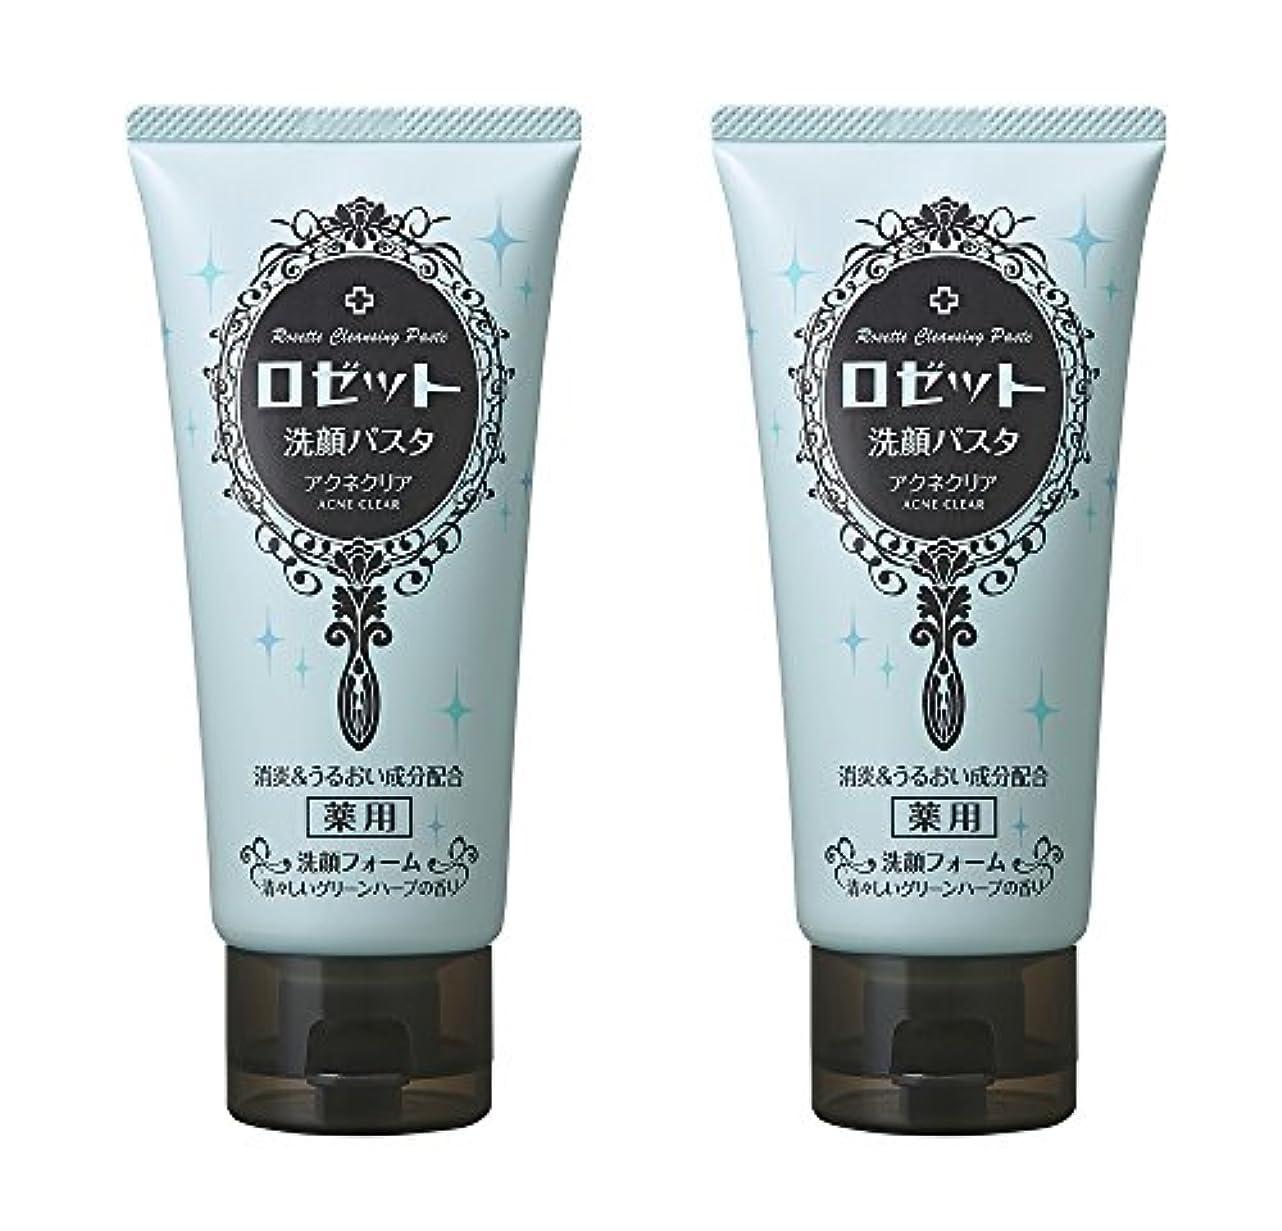 靄重なる甘やかすロゼット洗顔パスタ アクネクリア 120g×2個パック AZ 【医薬部外品】